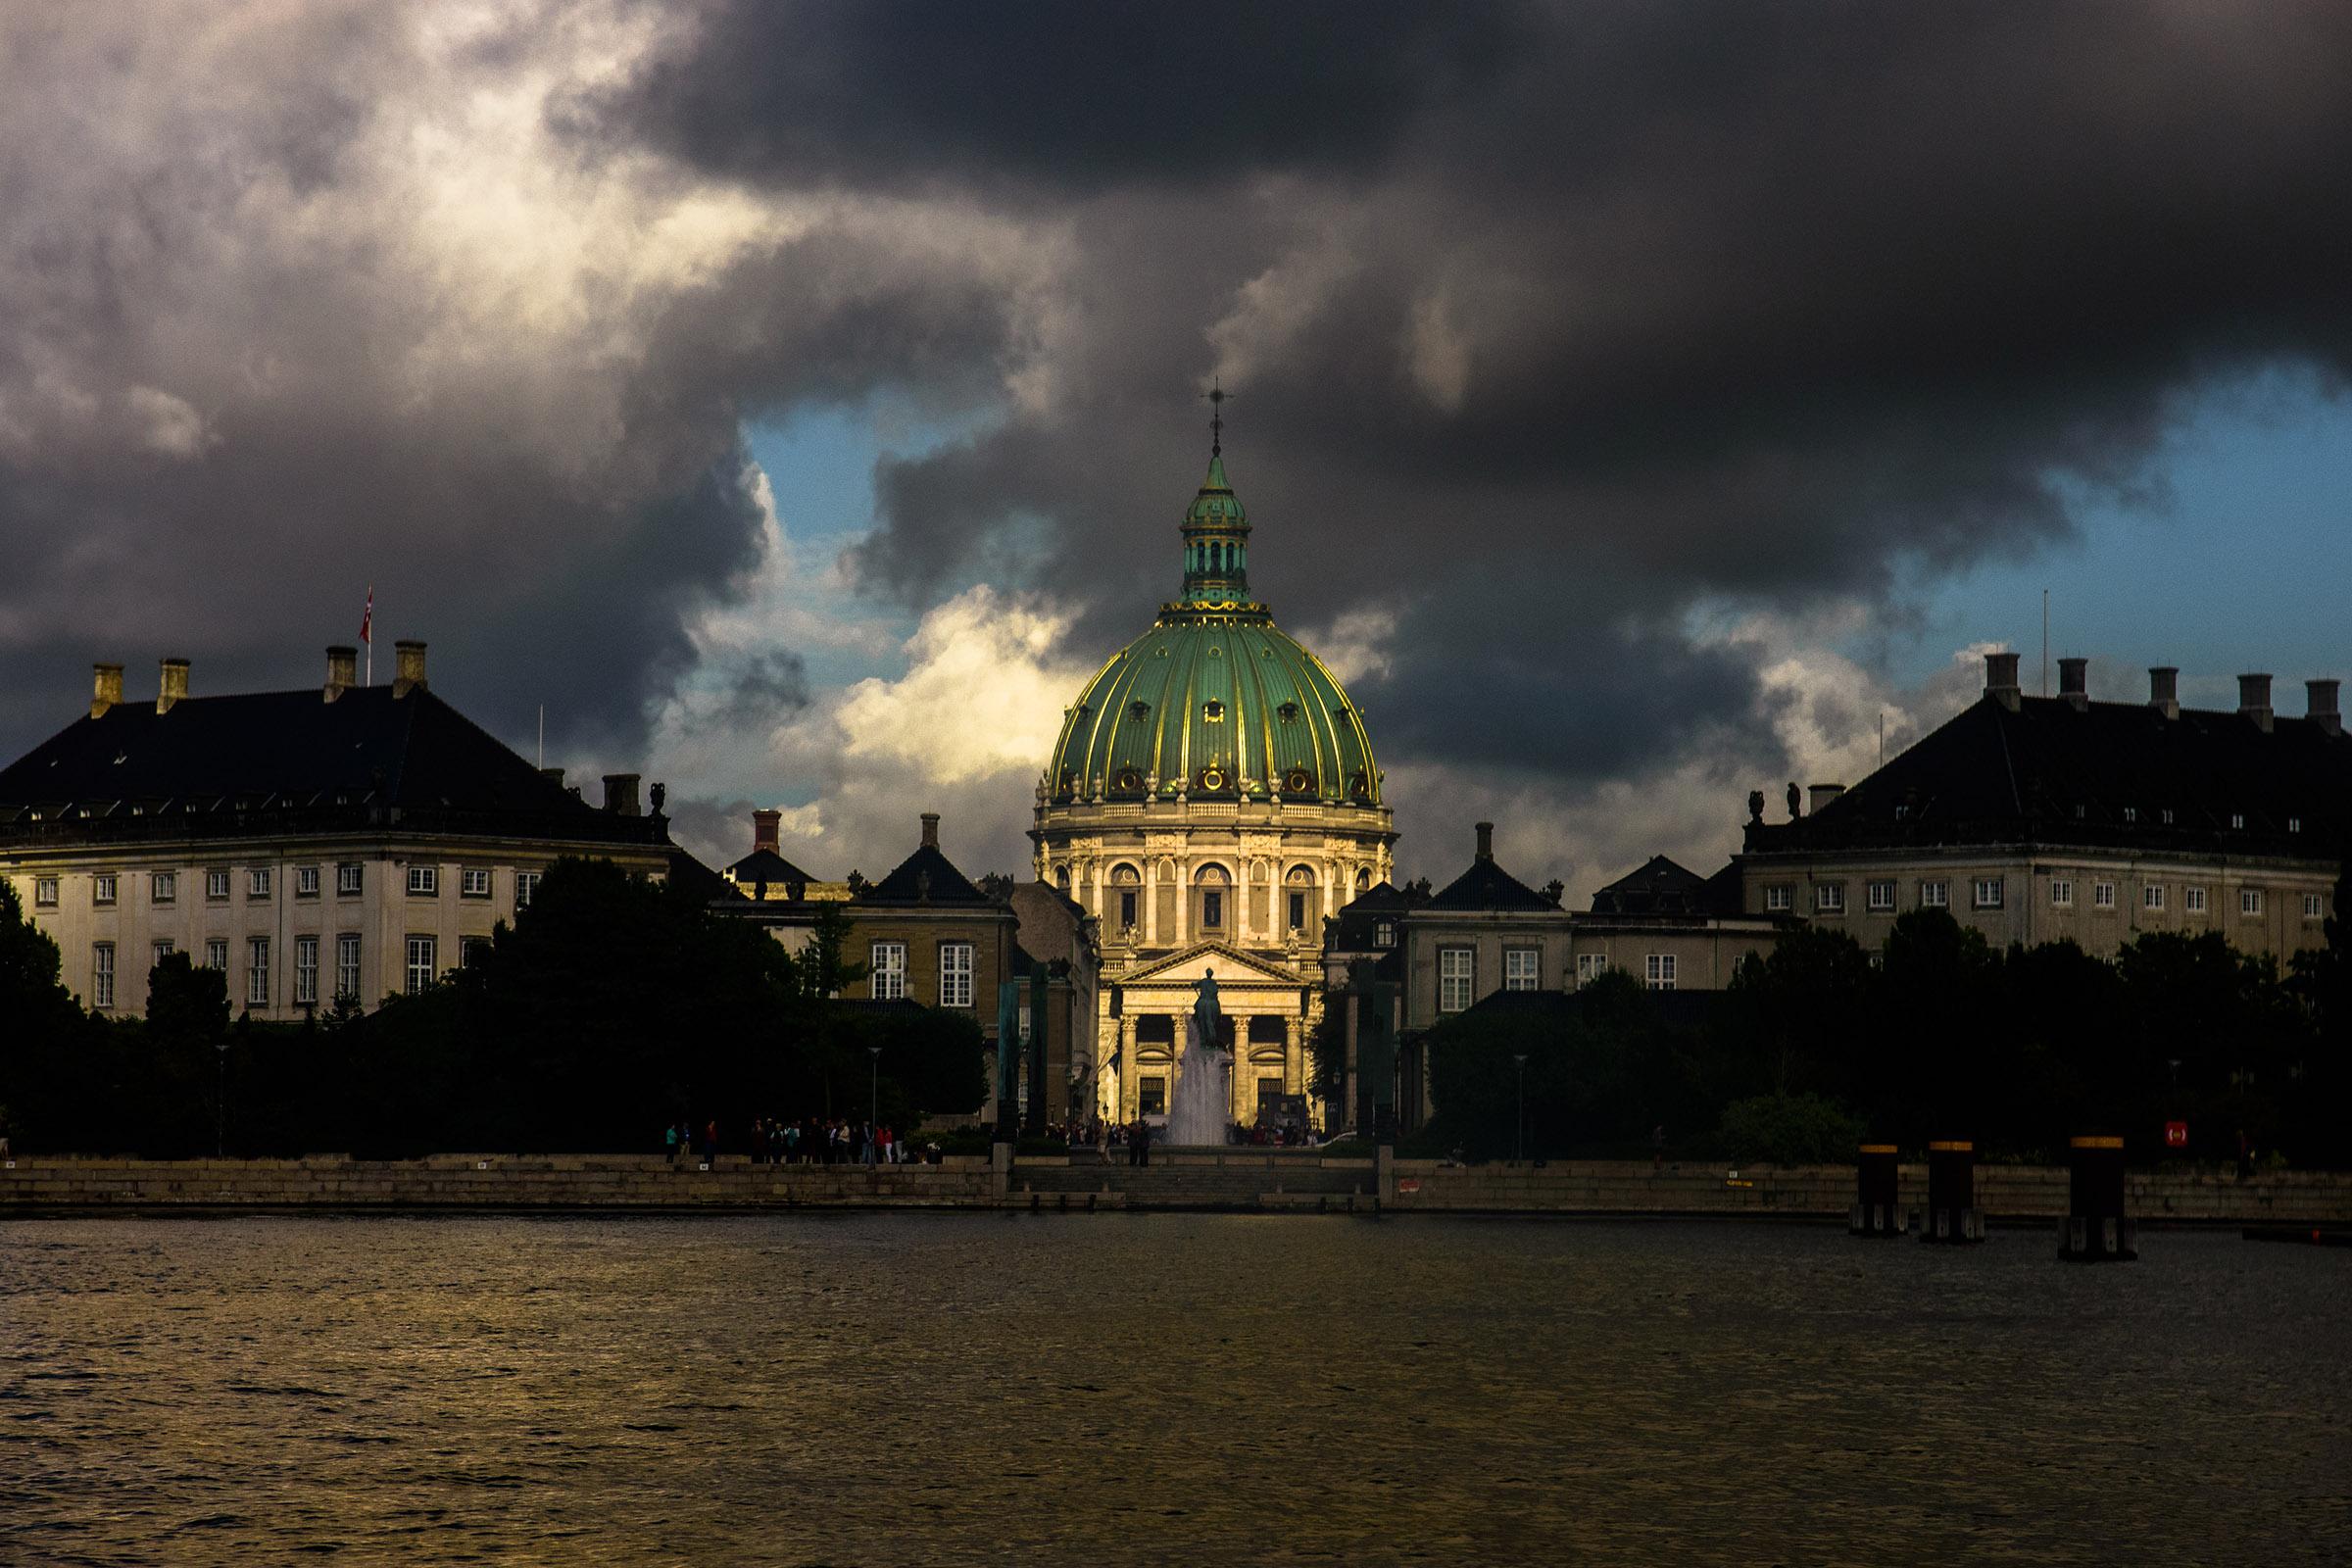 Chiesa marmorea a Copenaghen...